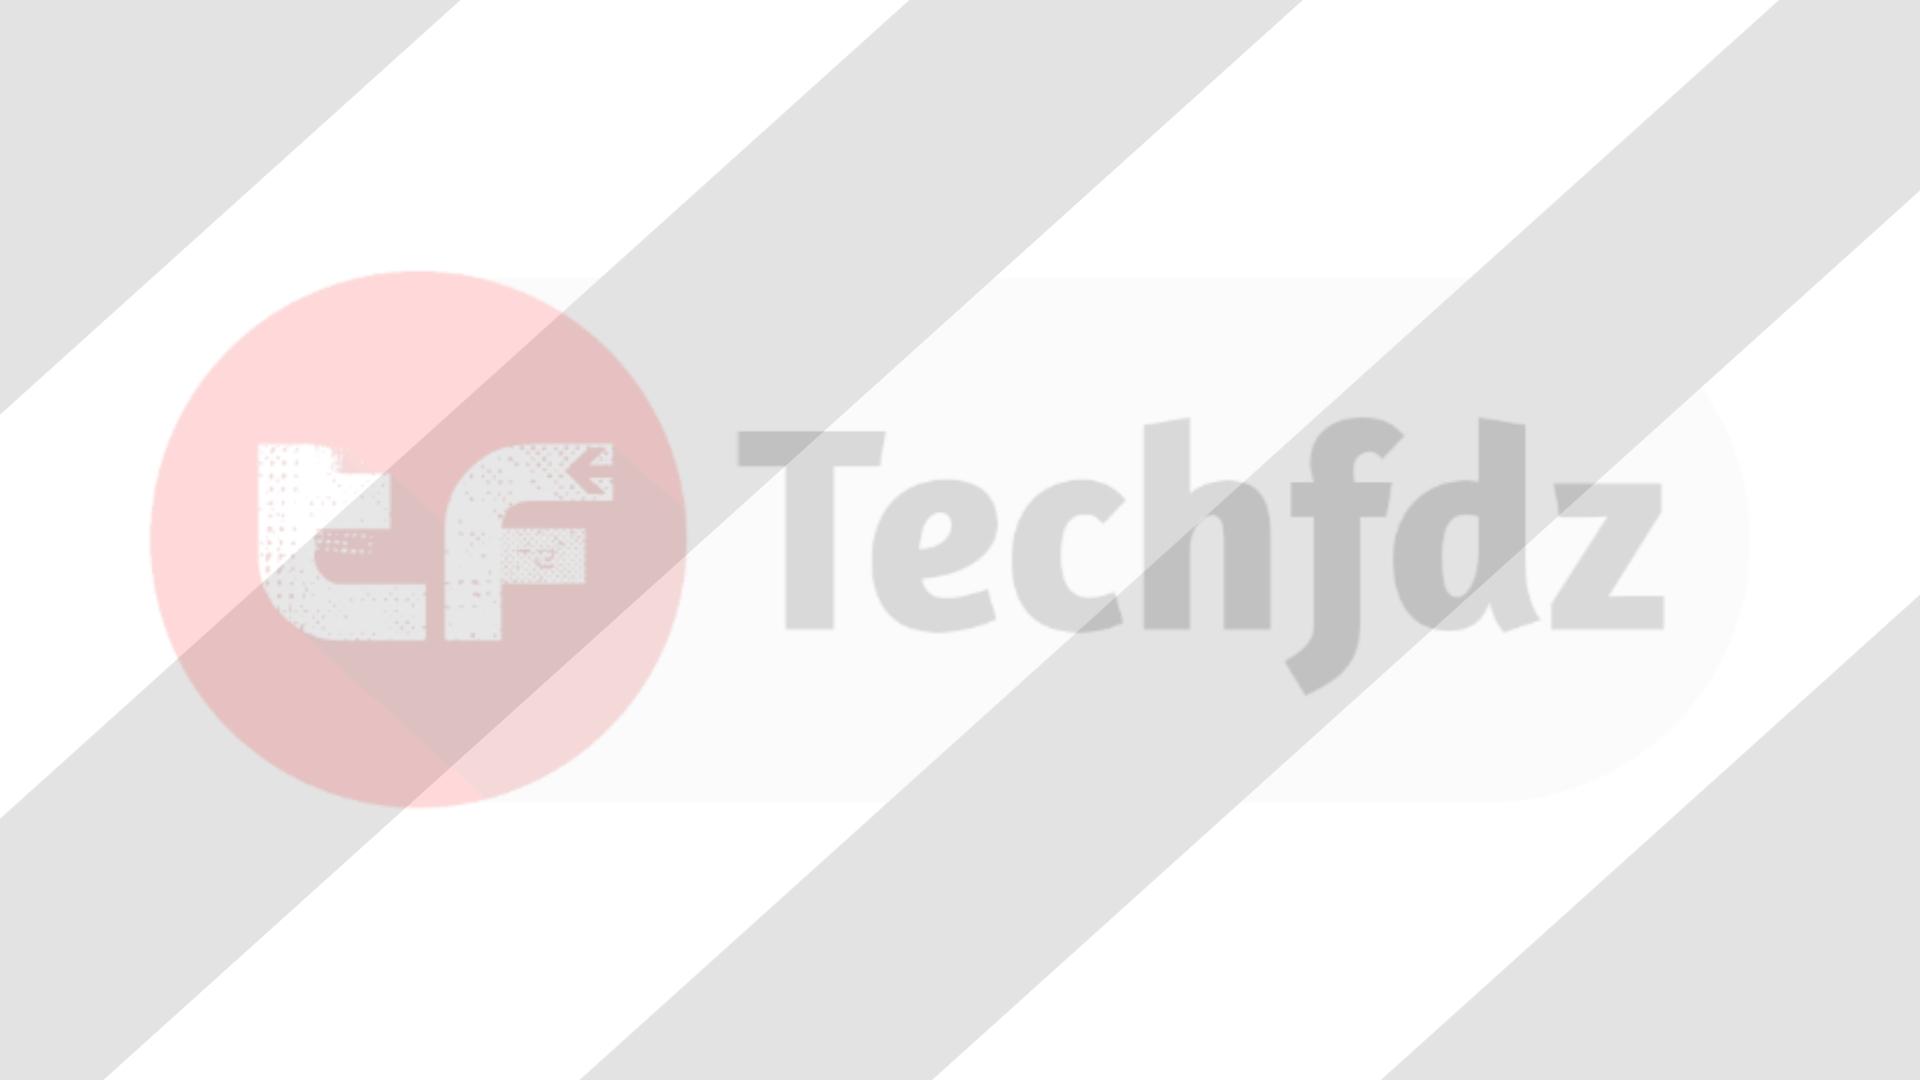 techfdz.com